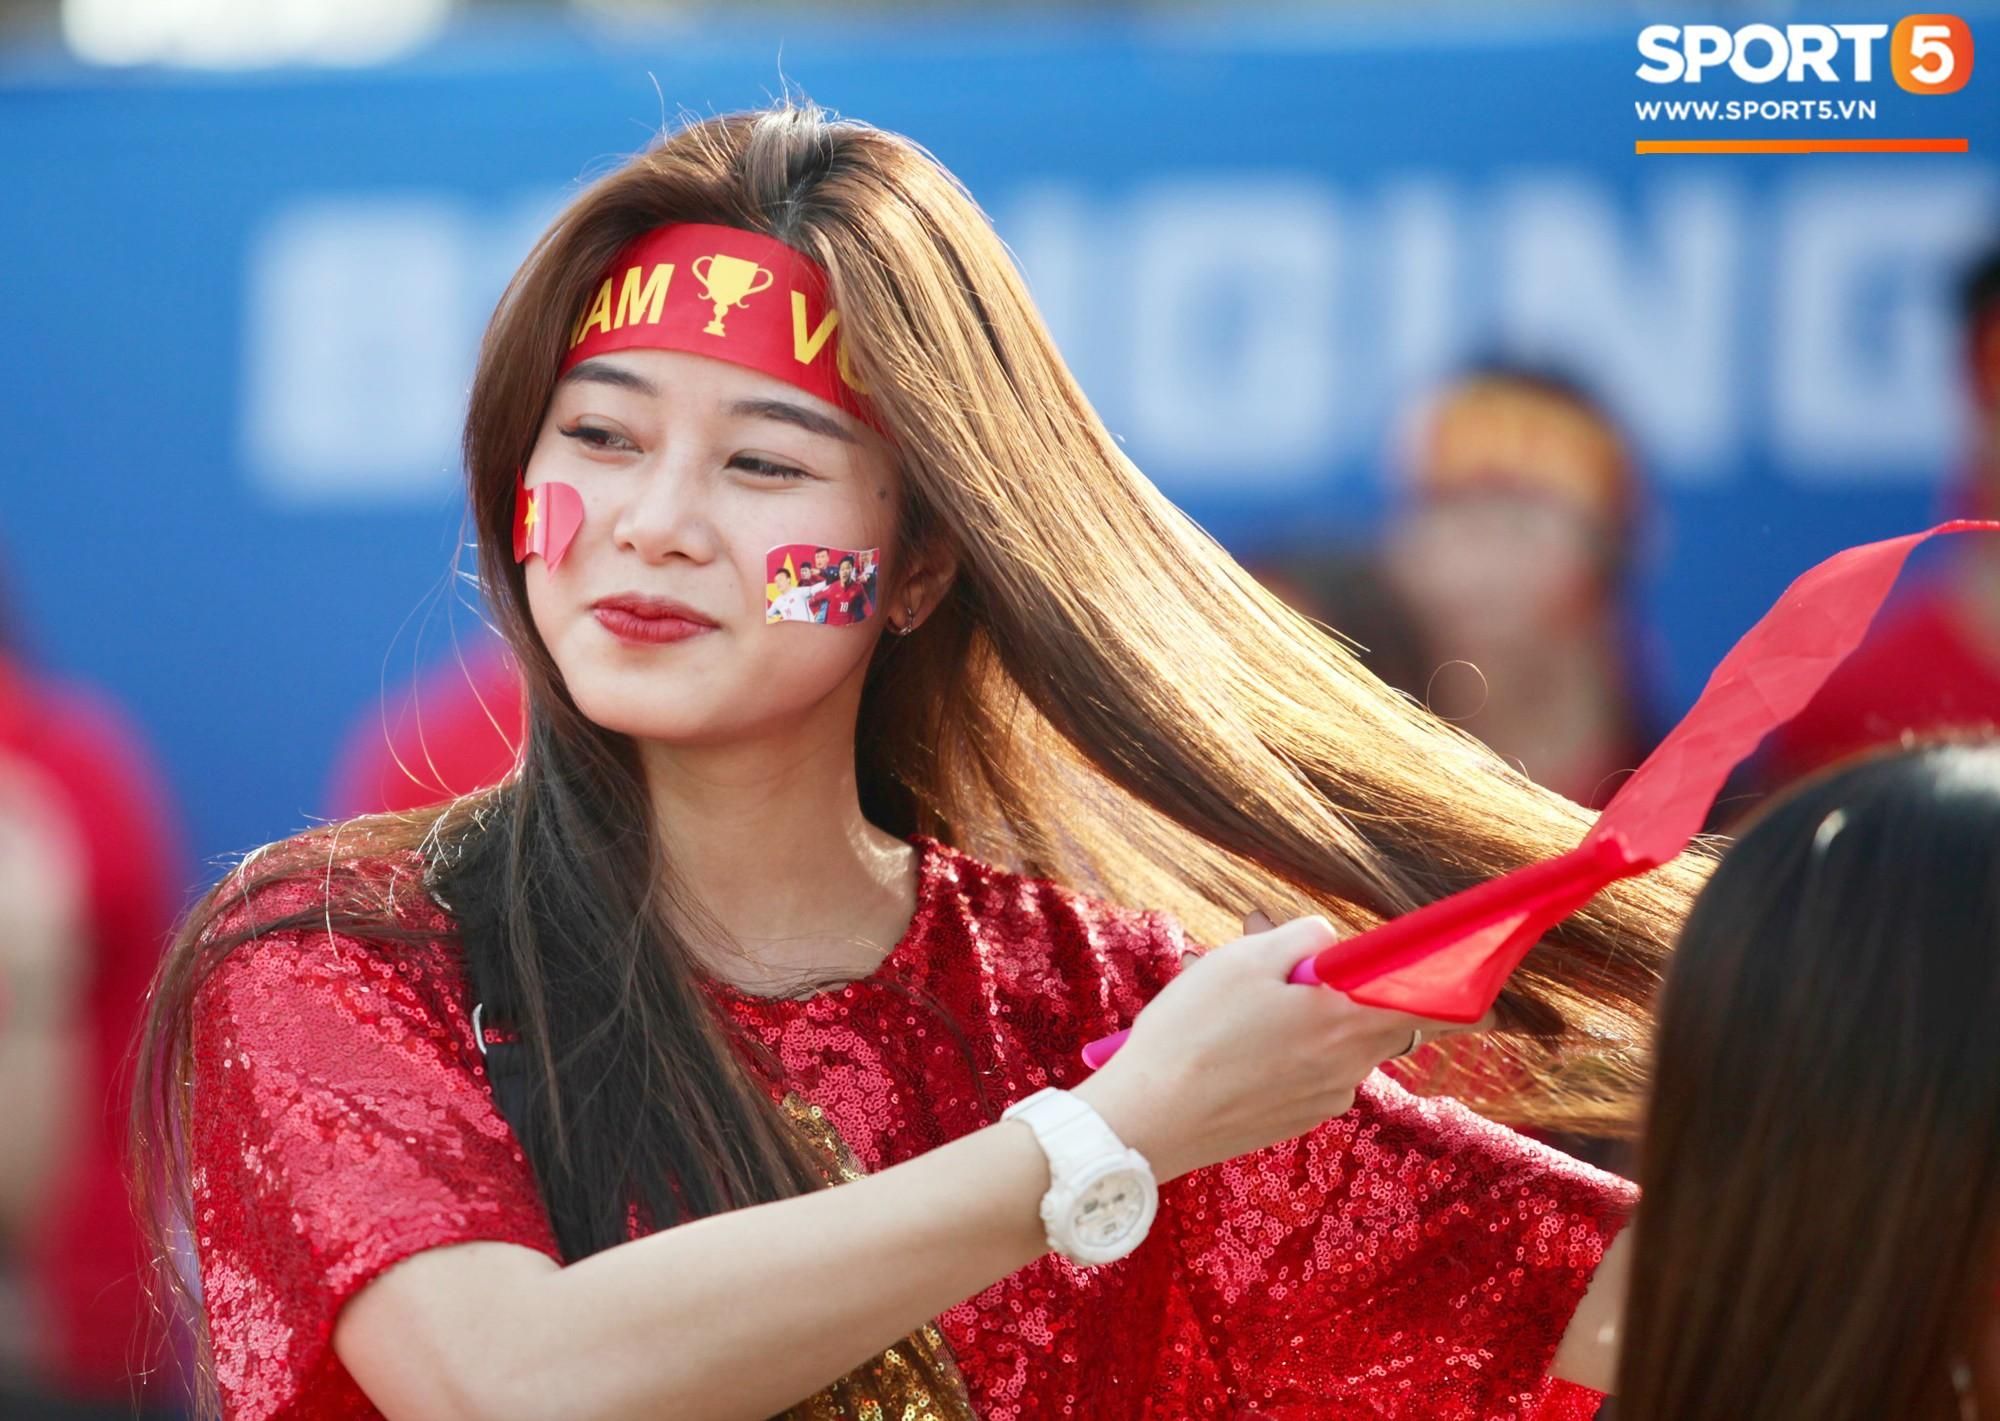 Dàn fangirl xinh đẹp tiếp lửa cho đội tuyển Việt Nam trước trận gặp Iraq-1